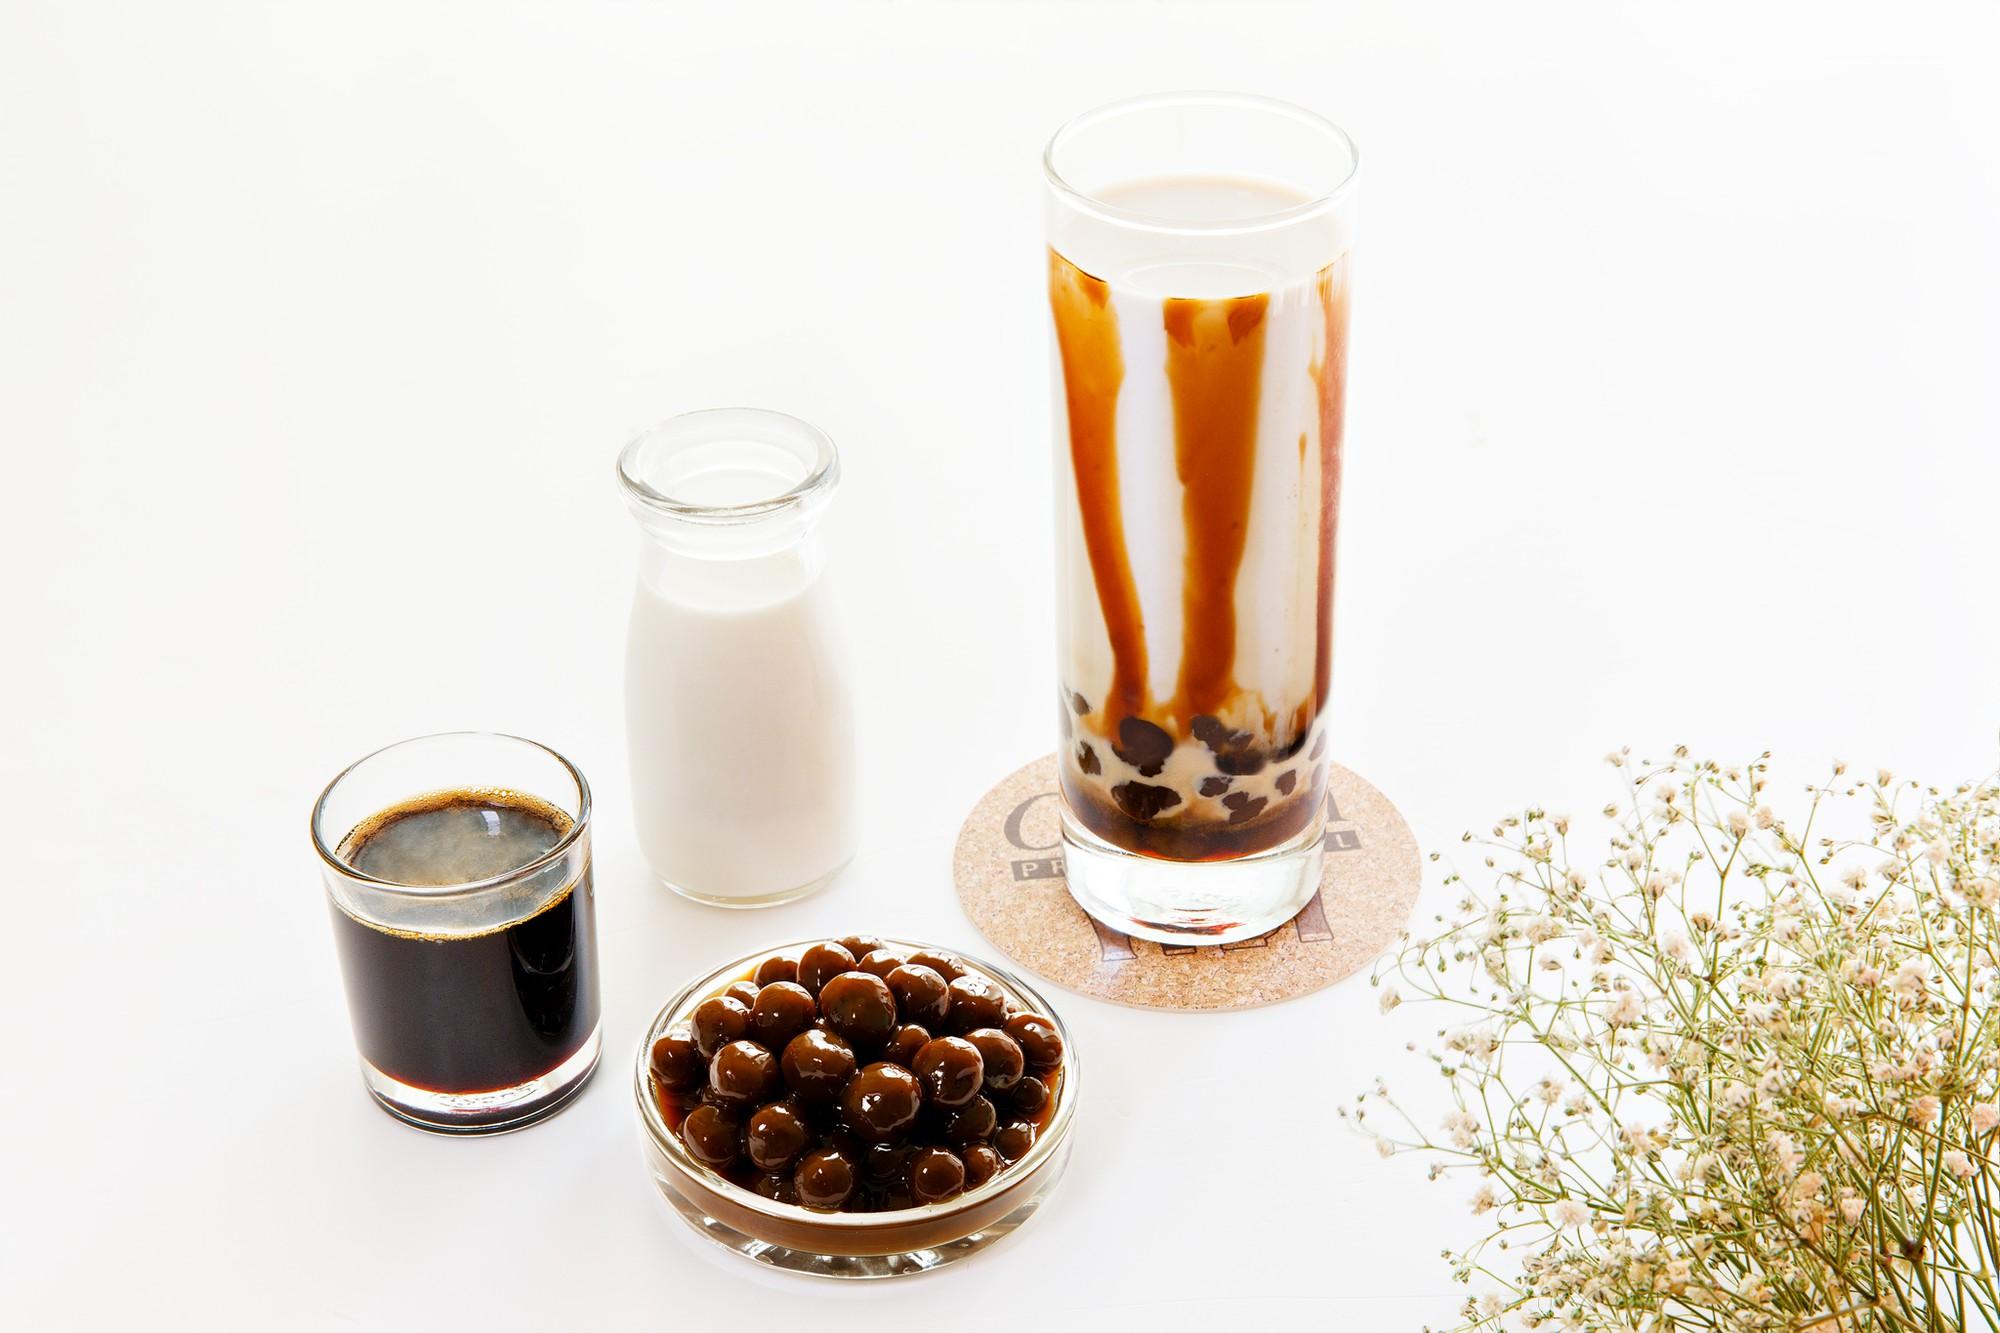 """Hot mom 8x Sài Gòn chia sẻ cách làm """"siêu phẩm"""" sữa tươi trân châu đường đen vạn người mê  - Ảnh 1."""